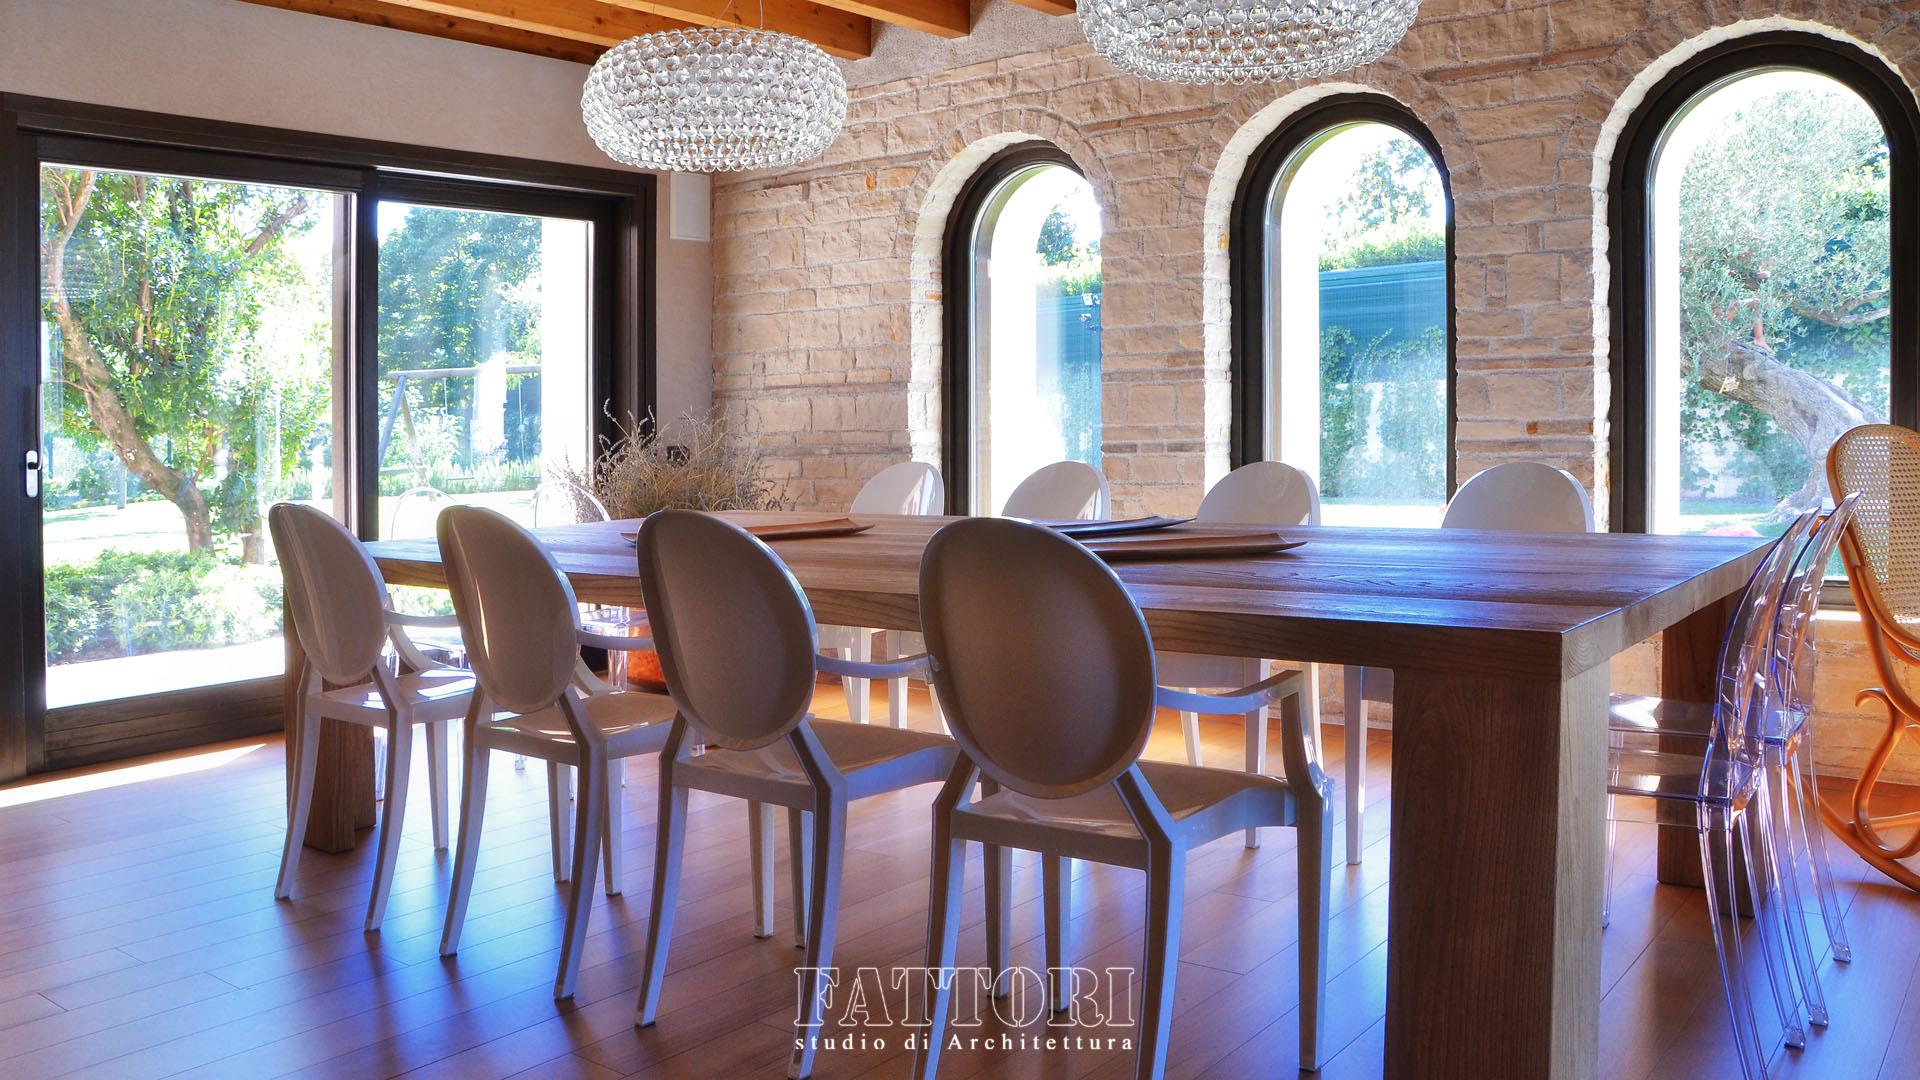 Studio di Architettura Fattori Fausto_progettazione ville residenziali_3